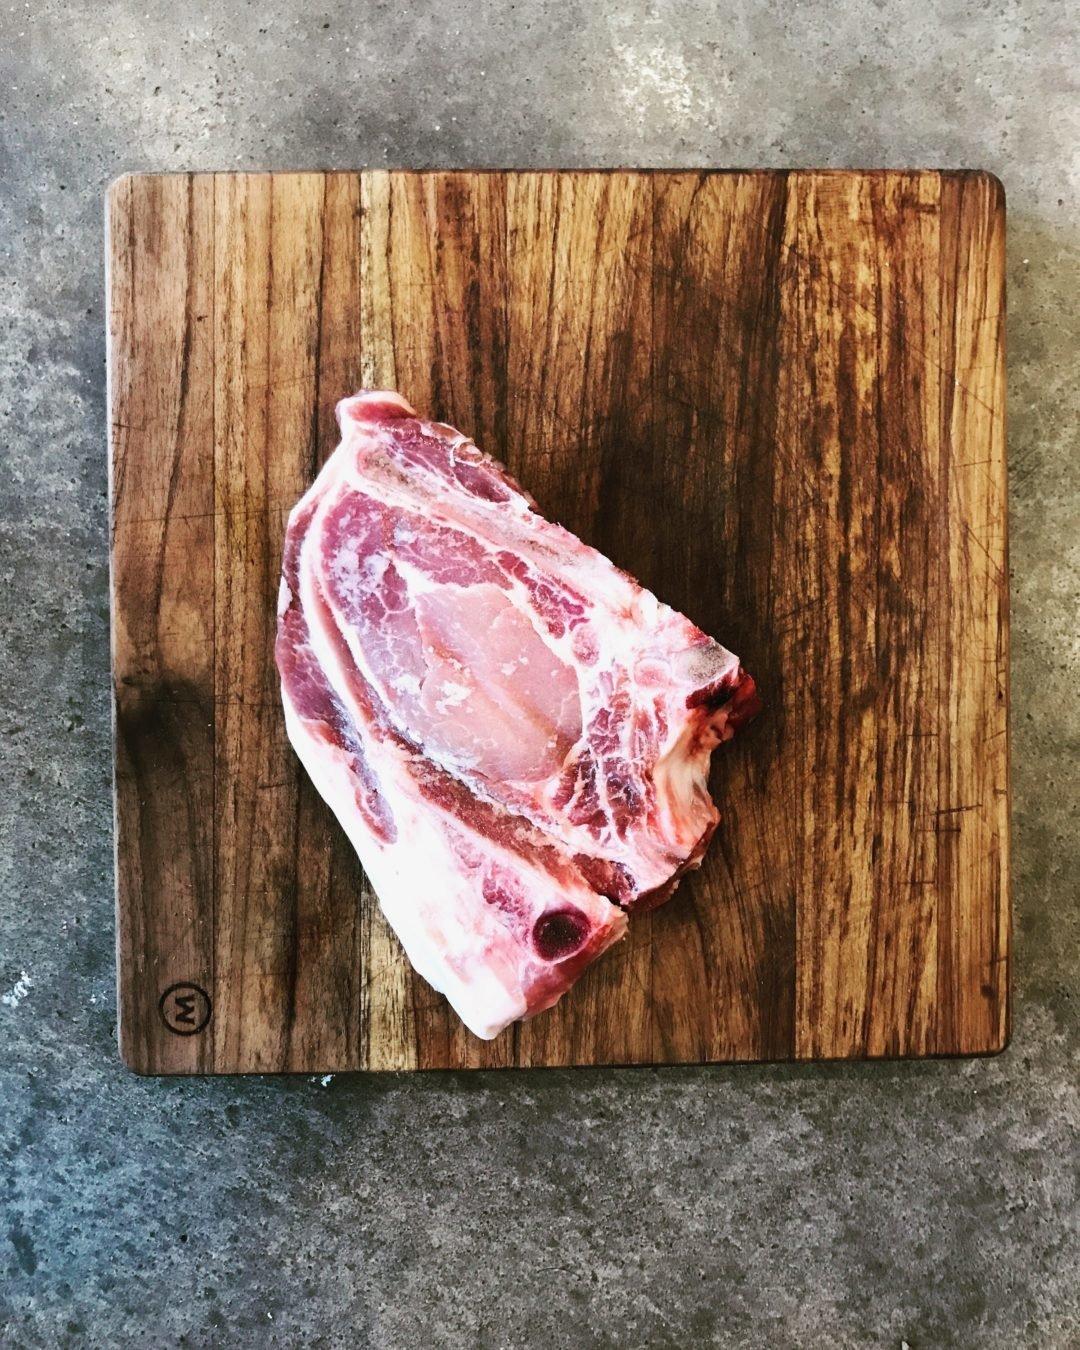 Bluestone ranch Pork Chops bsr03